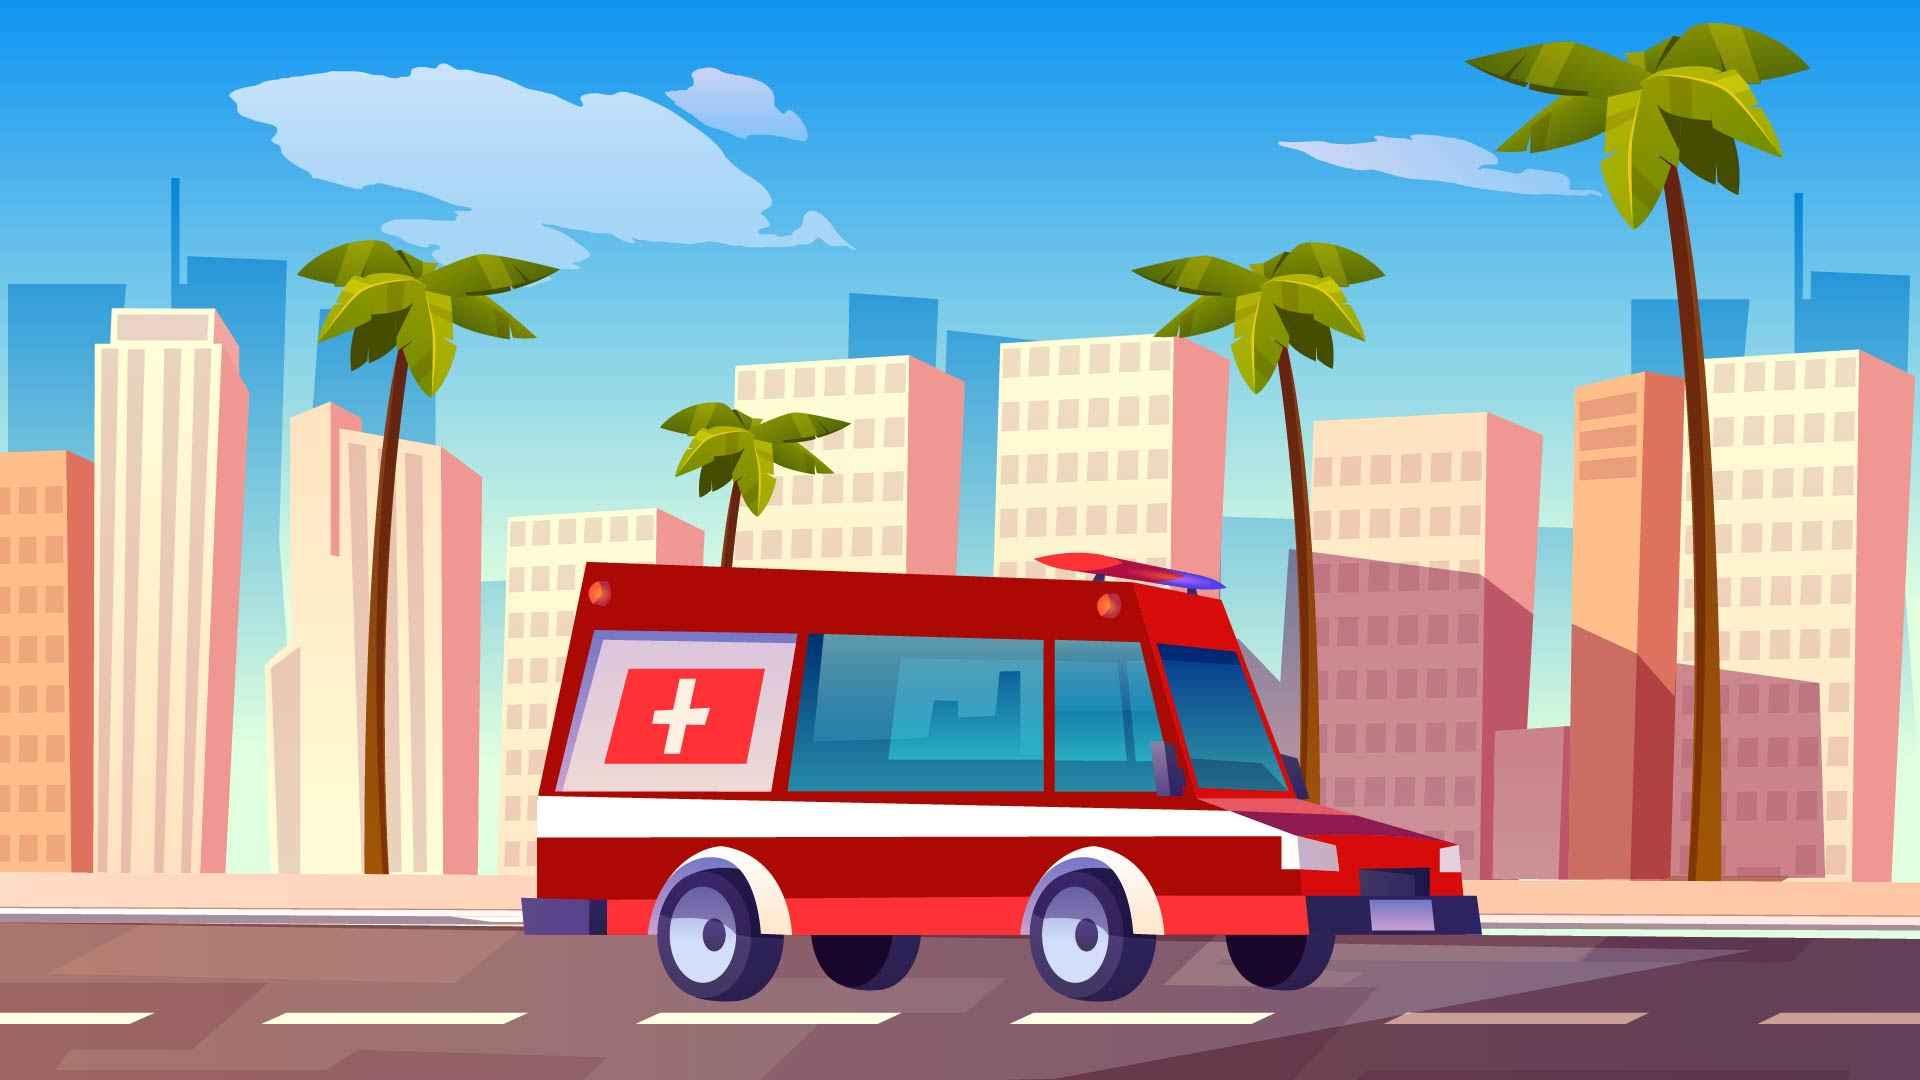 Car - animated image